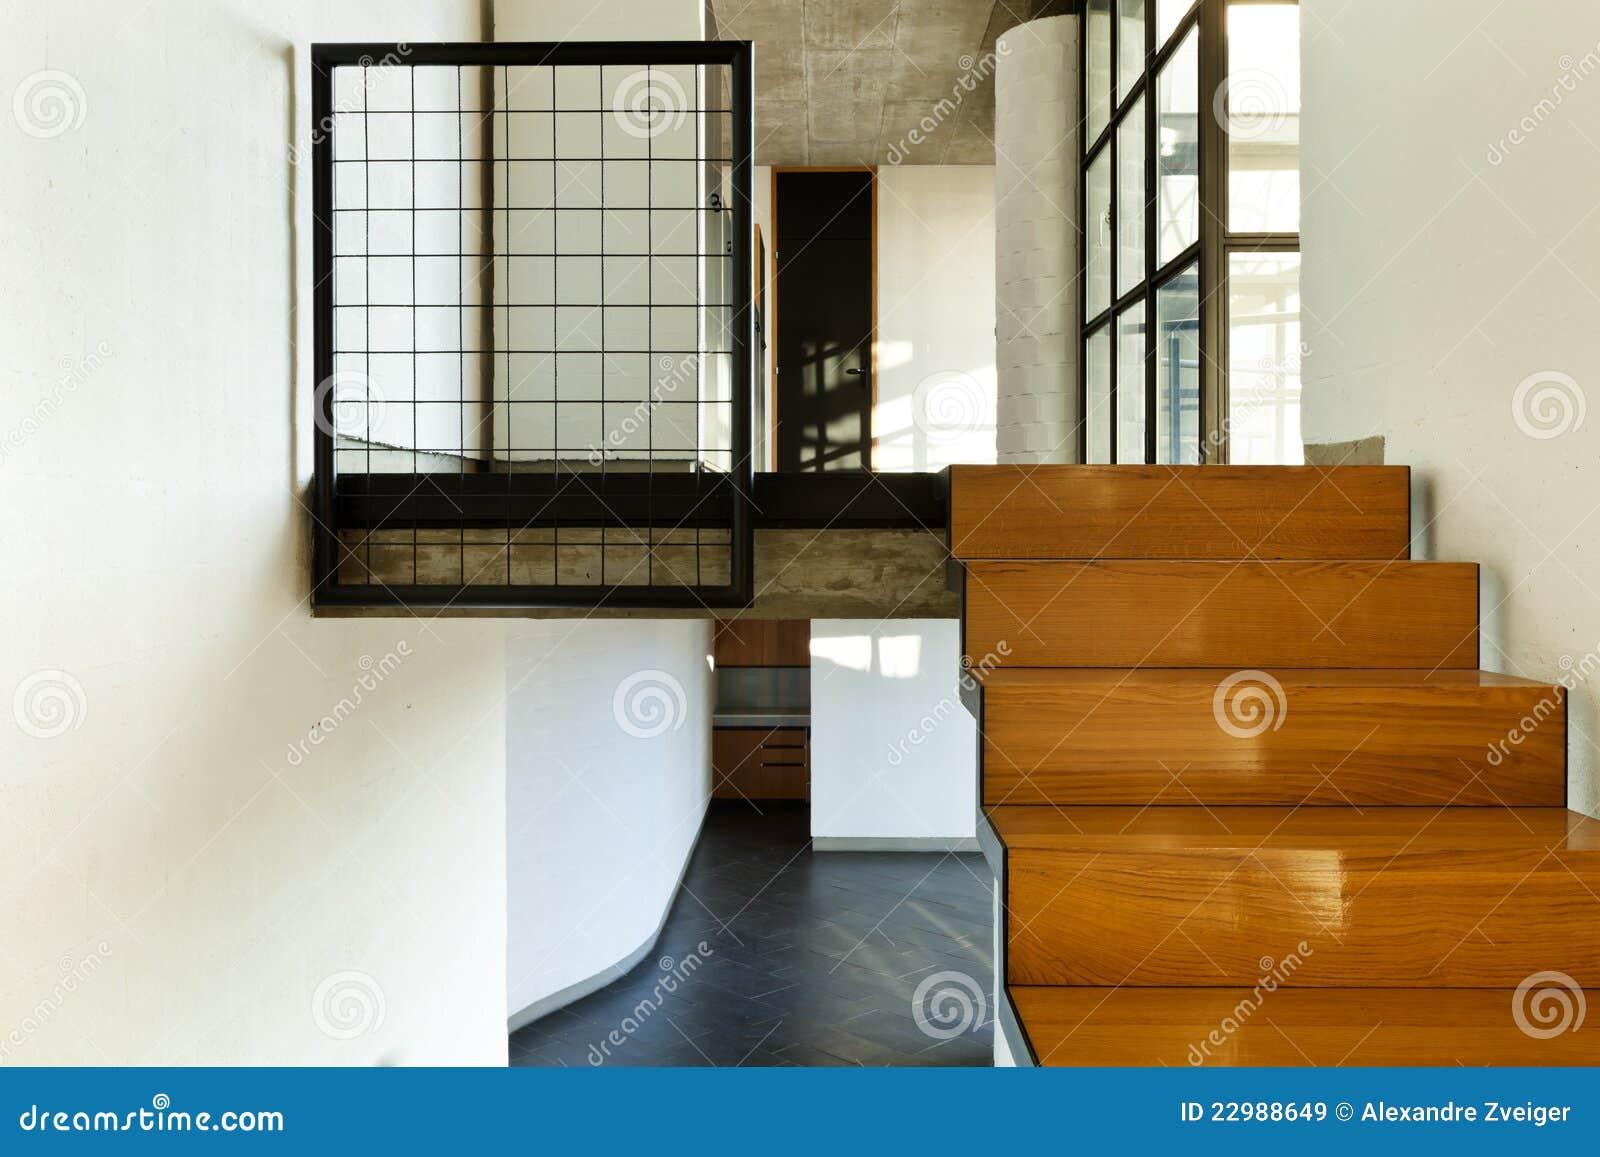 Casa Interior, Escalera De Madera Imágenes de archivo libres de ...